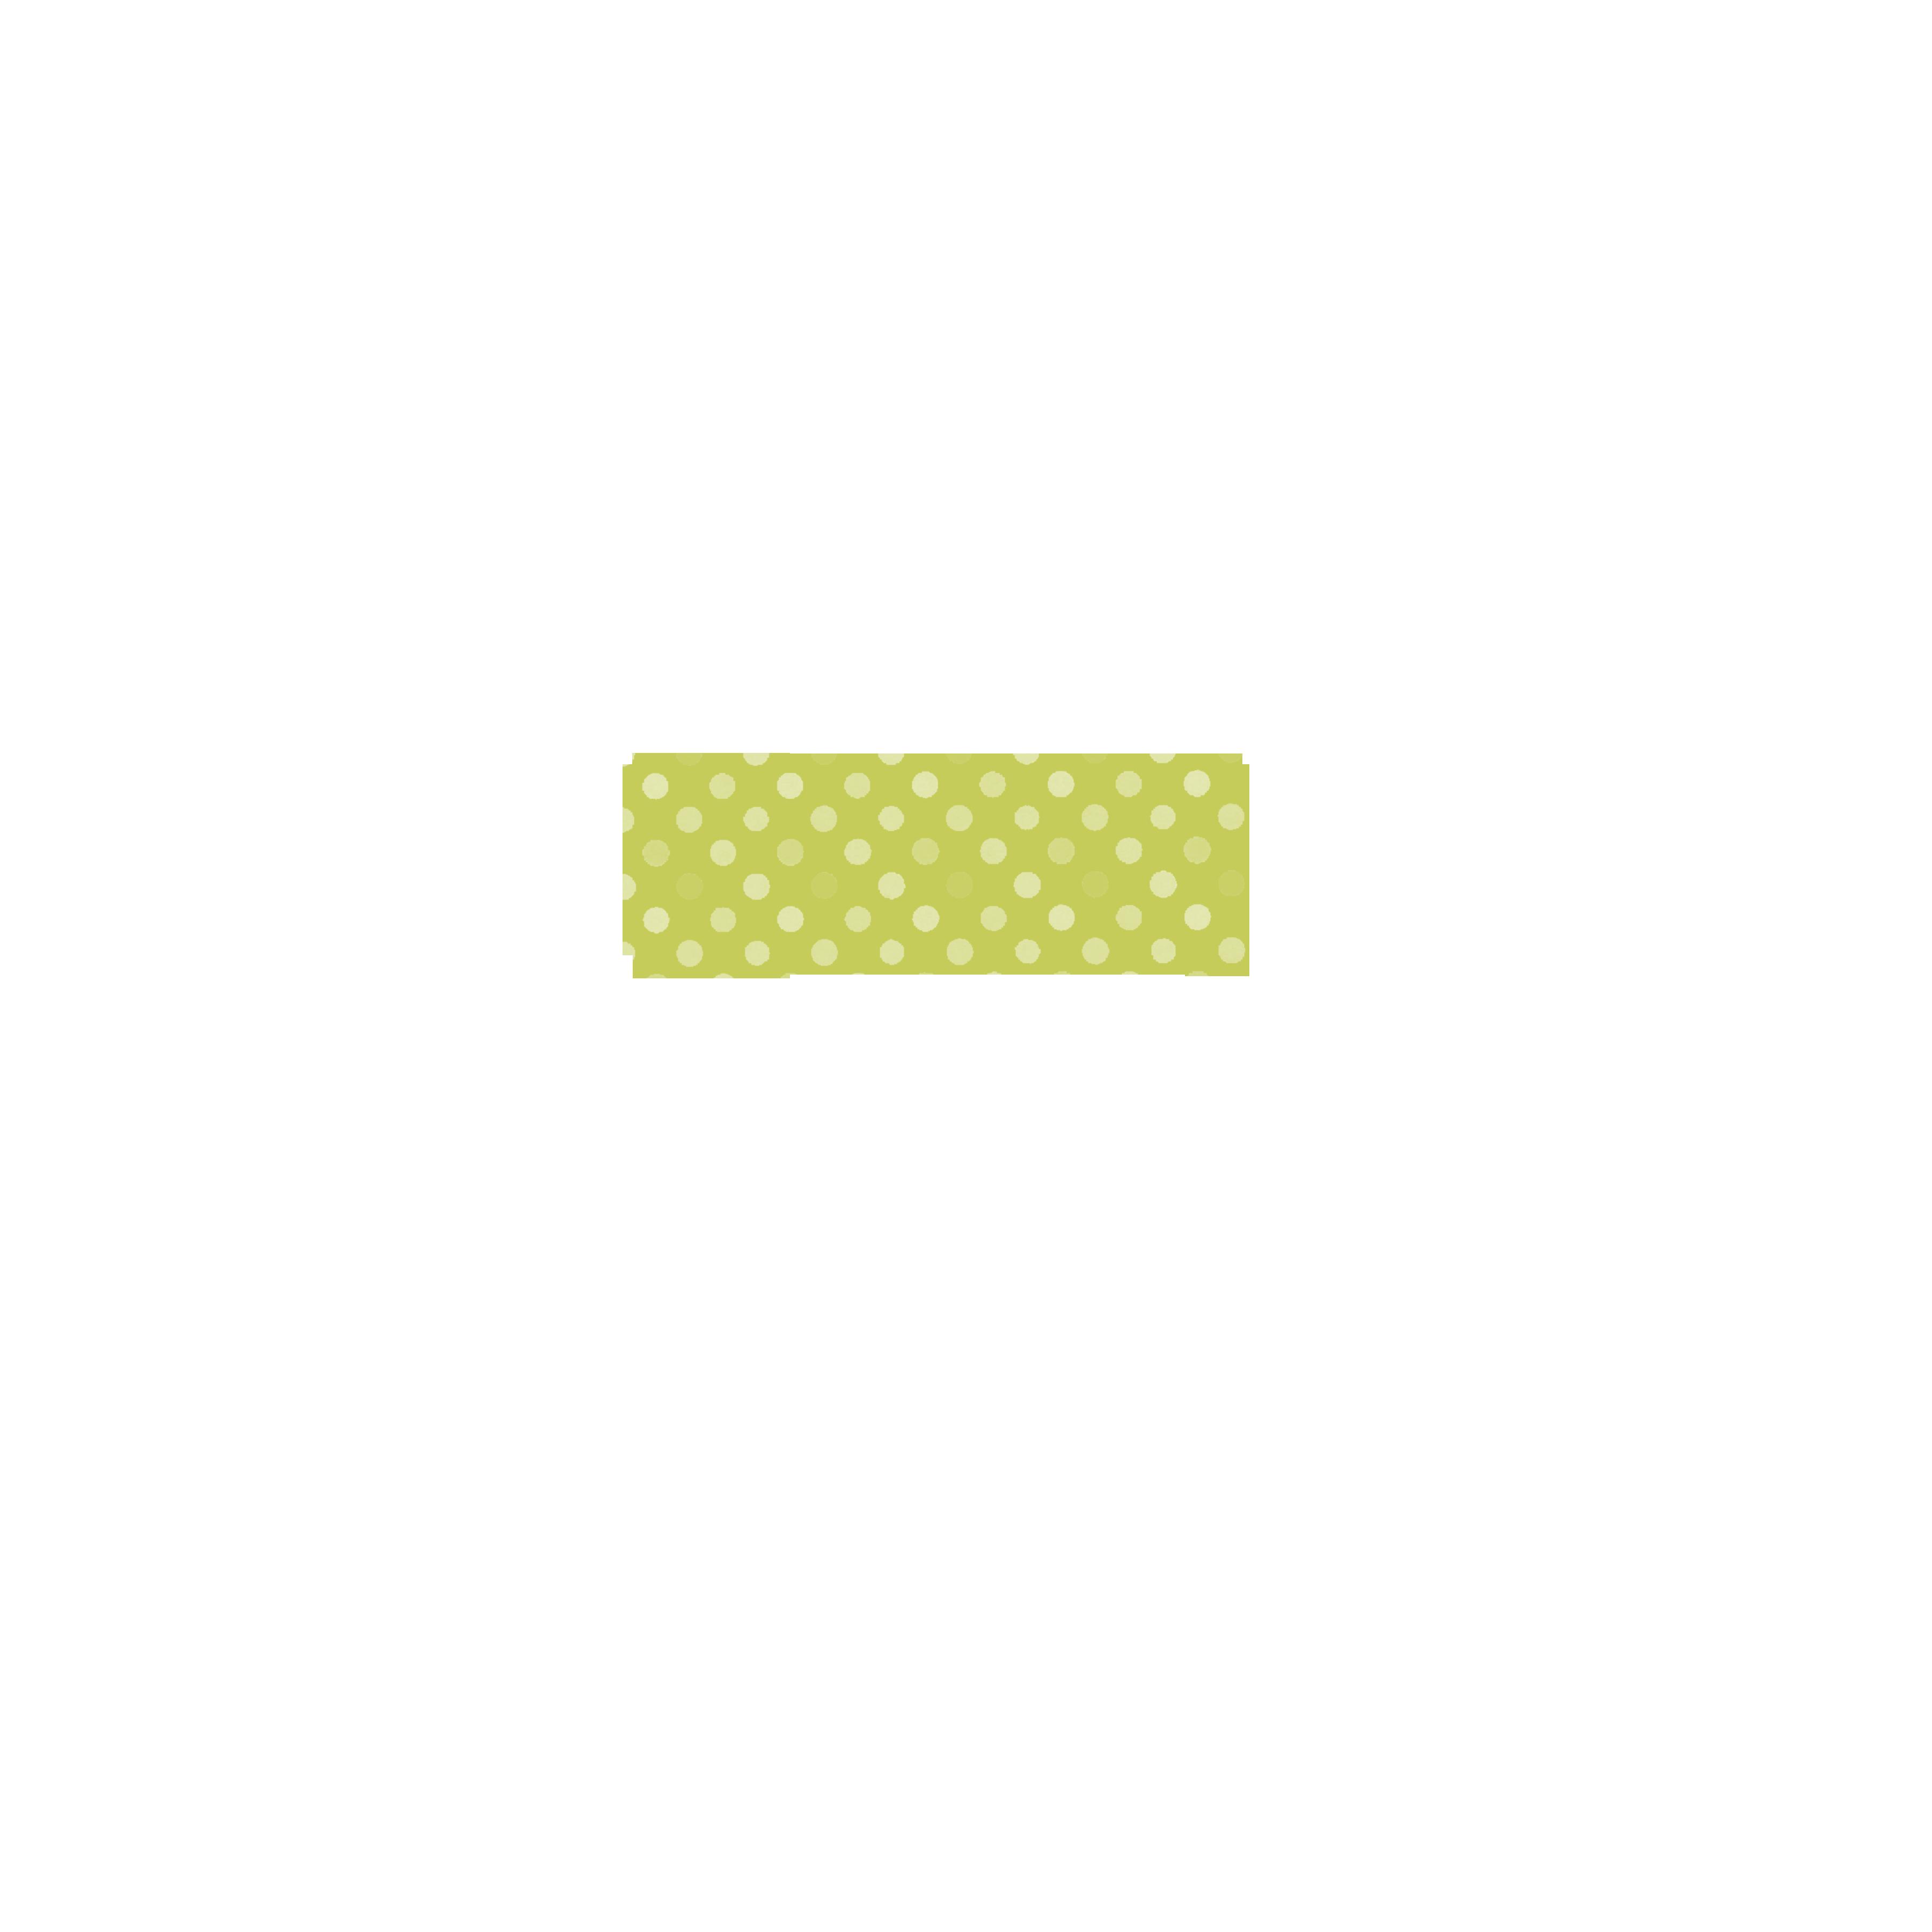 Green freebie washi etiquetas. Scrapbook clipart tape